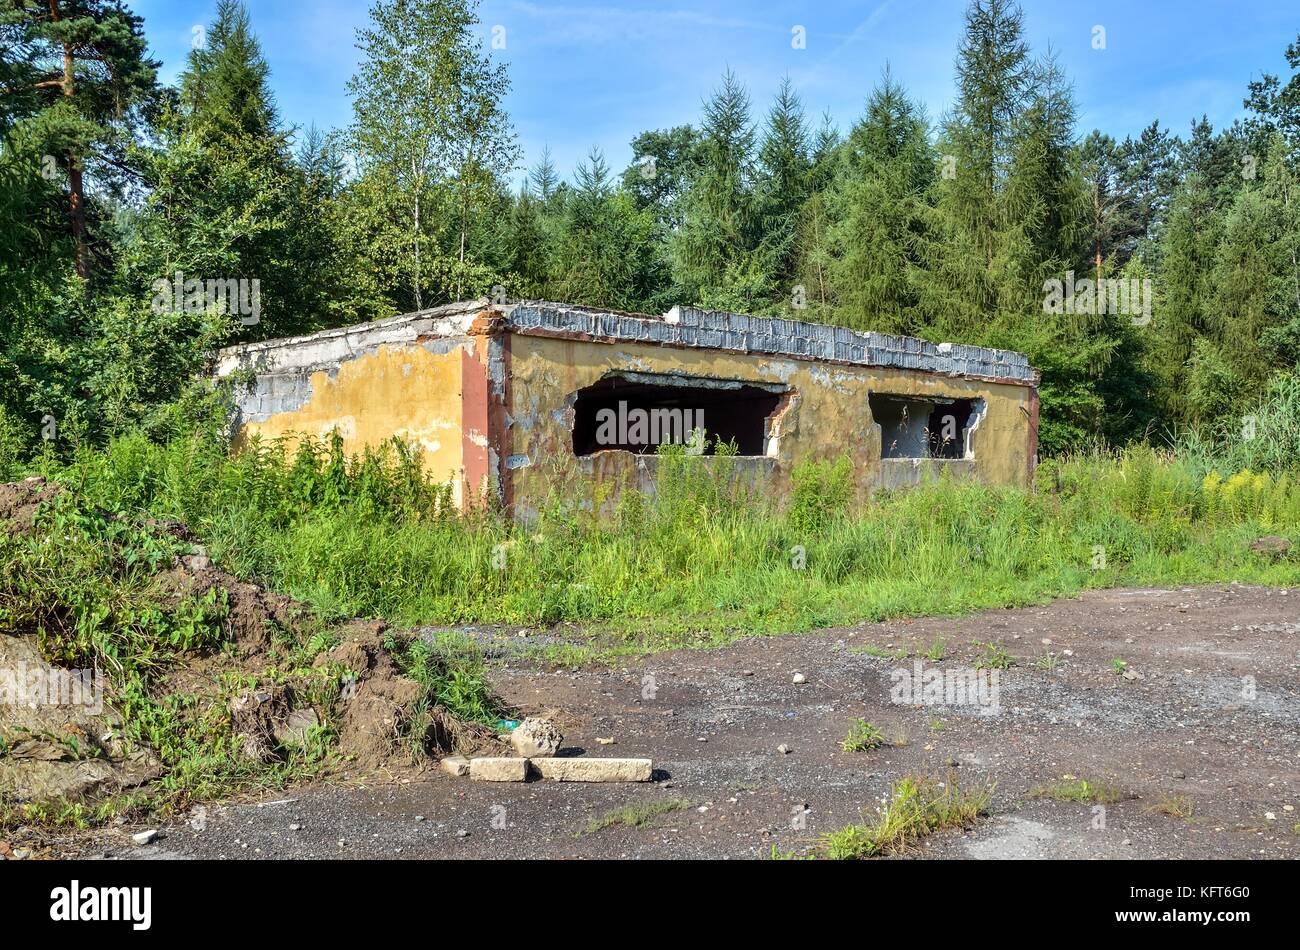 Abandoned military unit